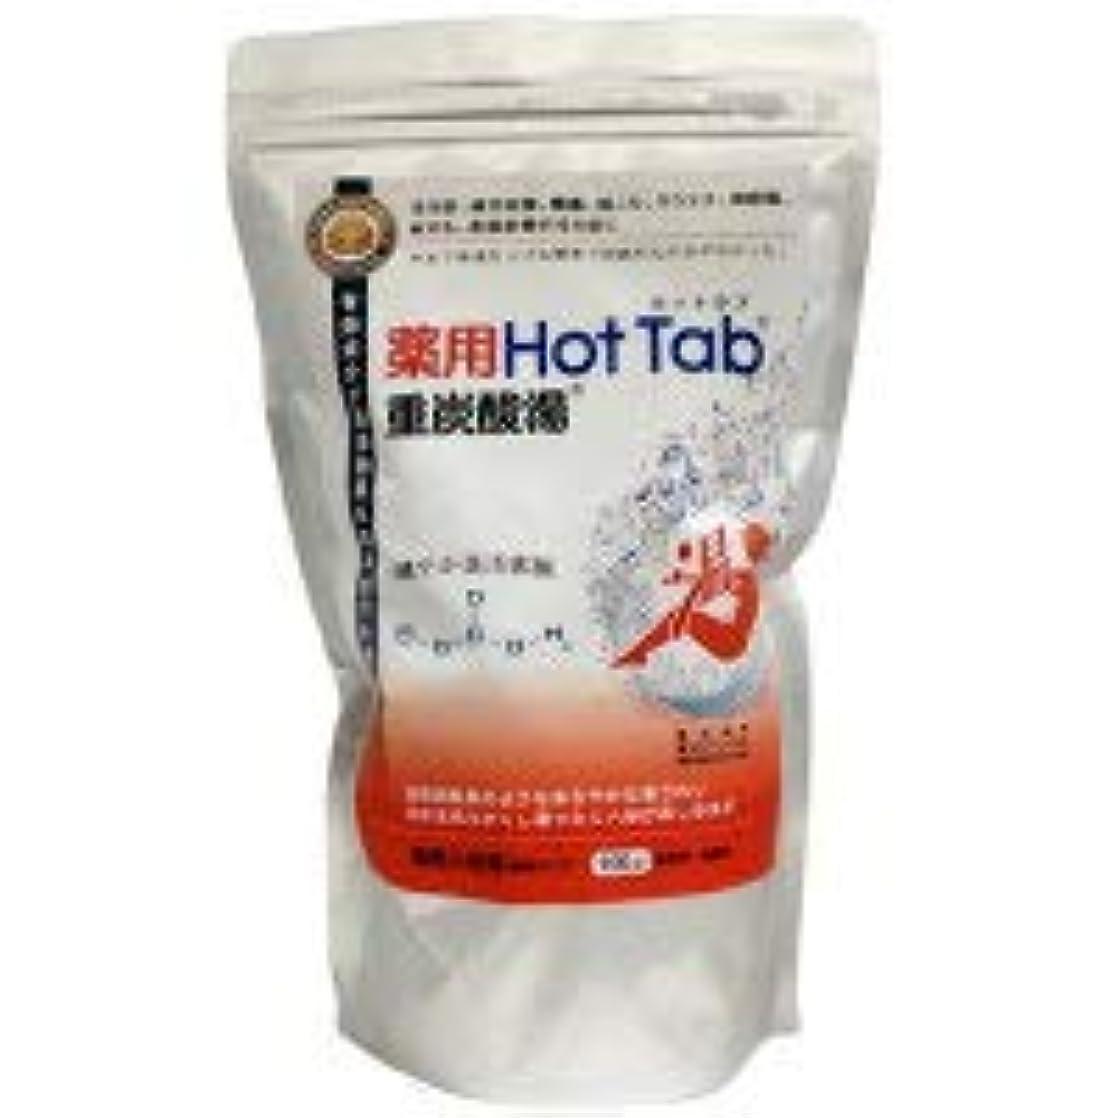 素晴らしい絶妙精巧な薬用ホットタブ重炭酸湯 100錠入り